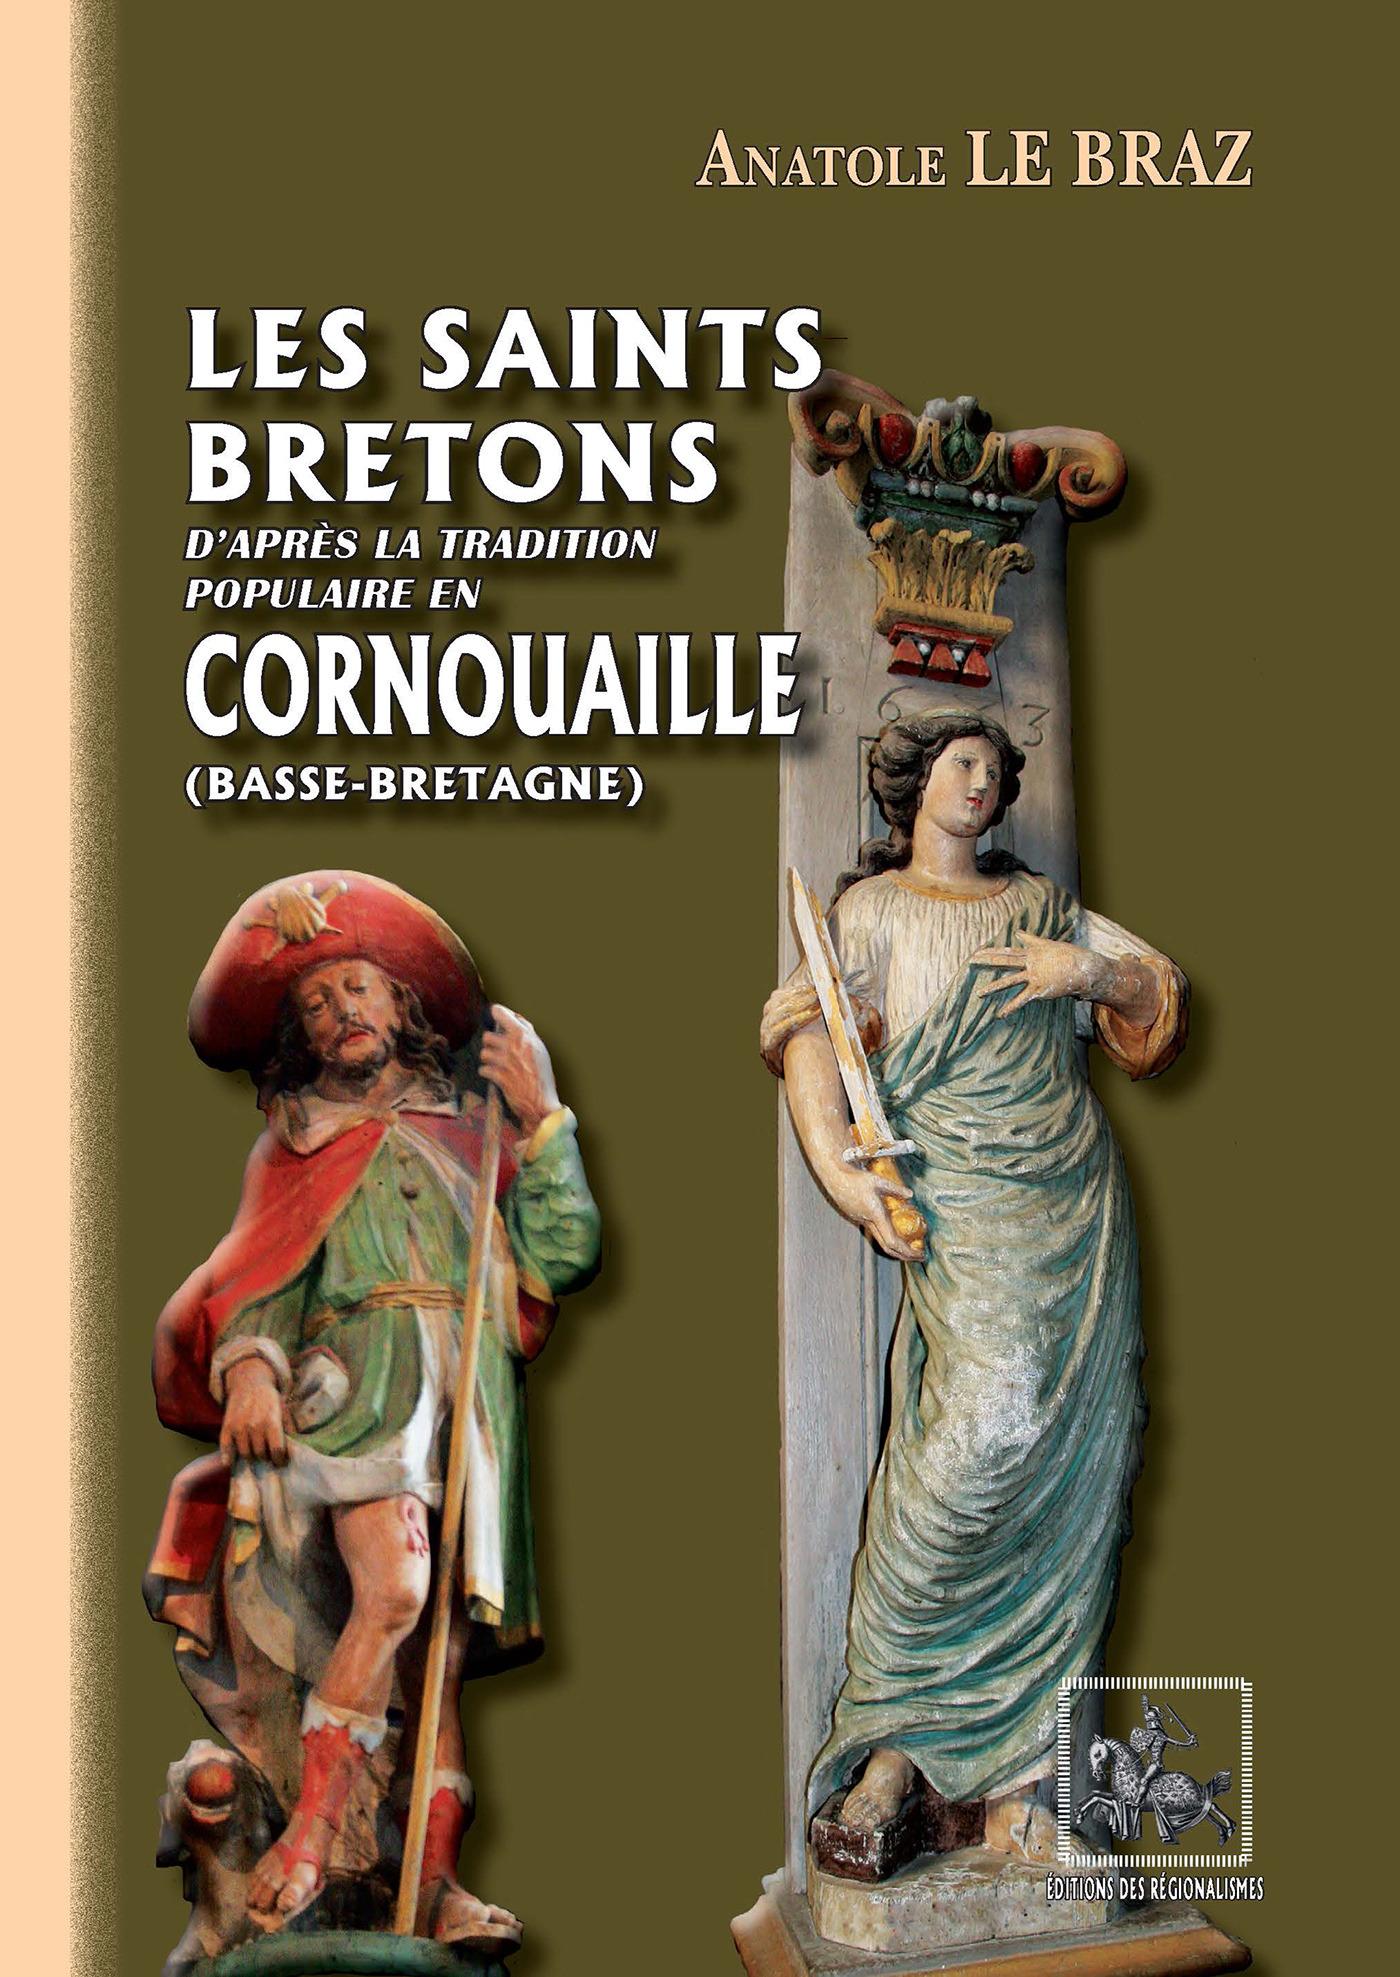 Les saints bretons d'après la tradition populaire en Cornouailles